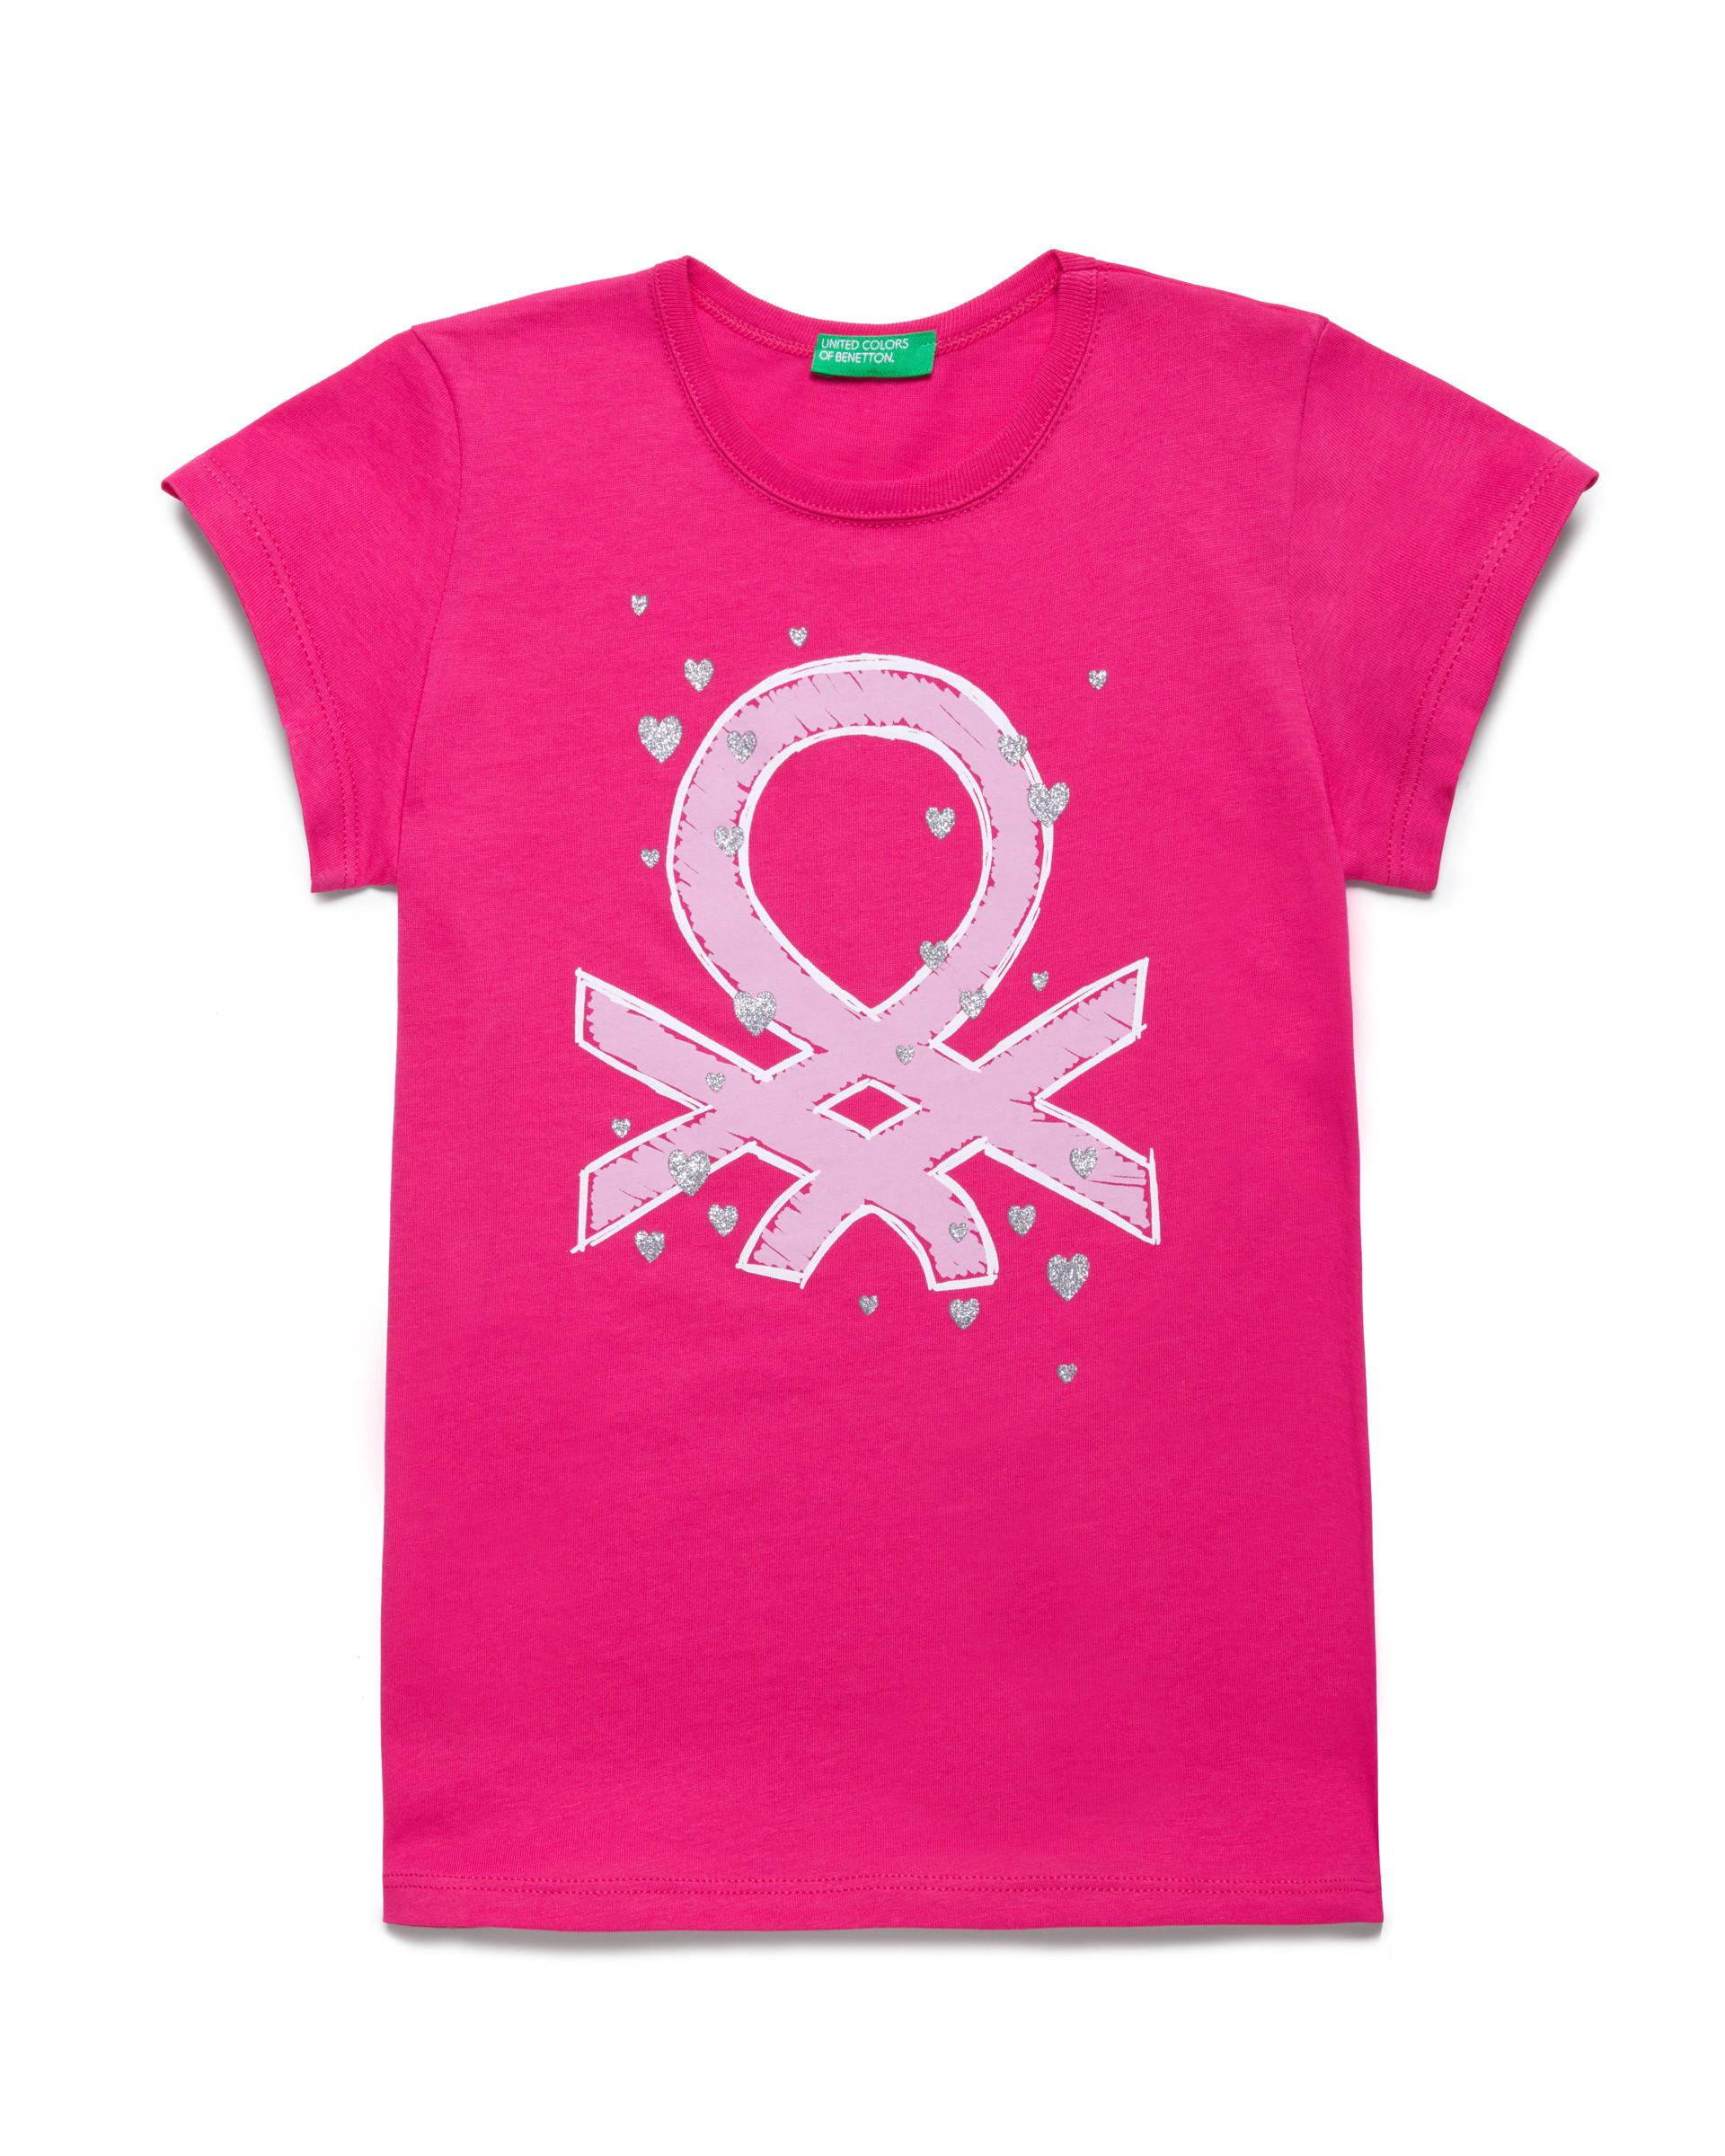 Купить 20P_3096C14J1_2L3, Футболка для девочек Benetton 3096C14J1_2L3 р-р 92, United Colors of Benetton, Кофточки, футболки для новорожденных